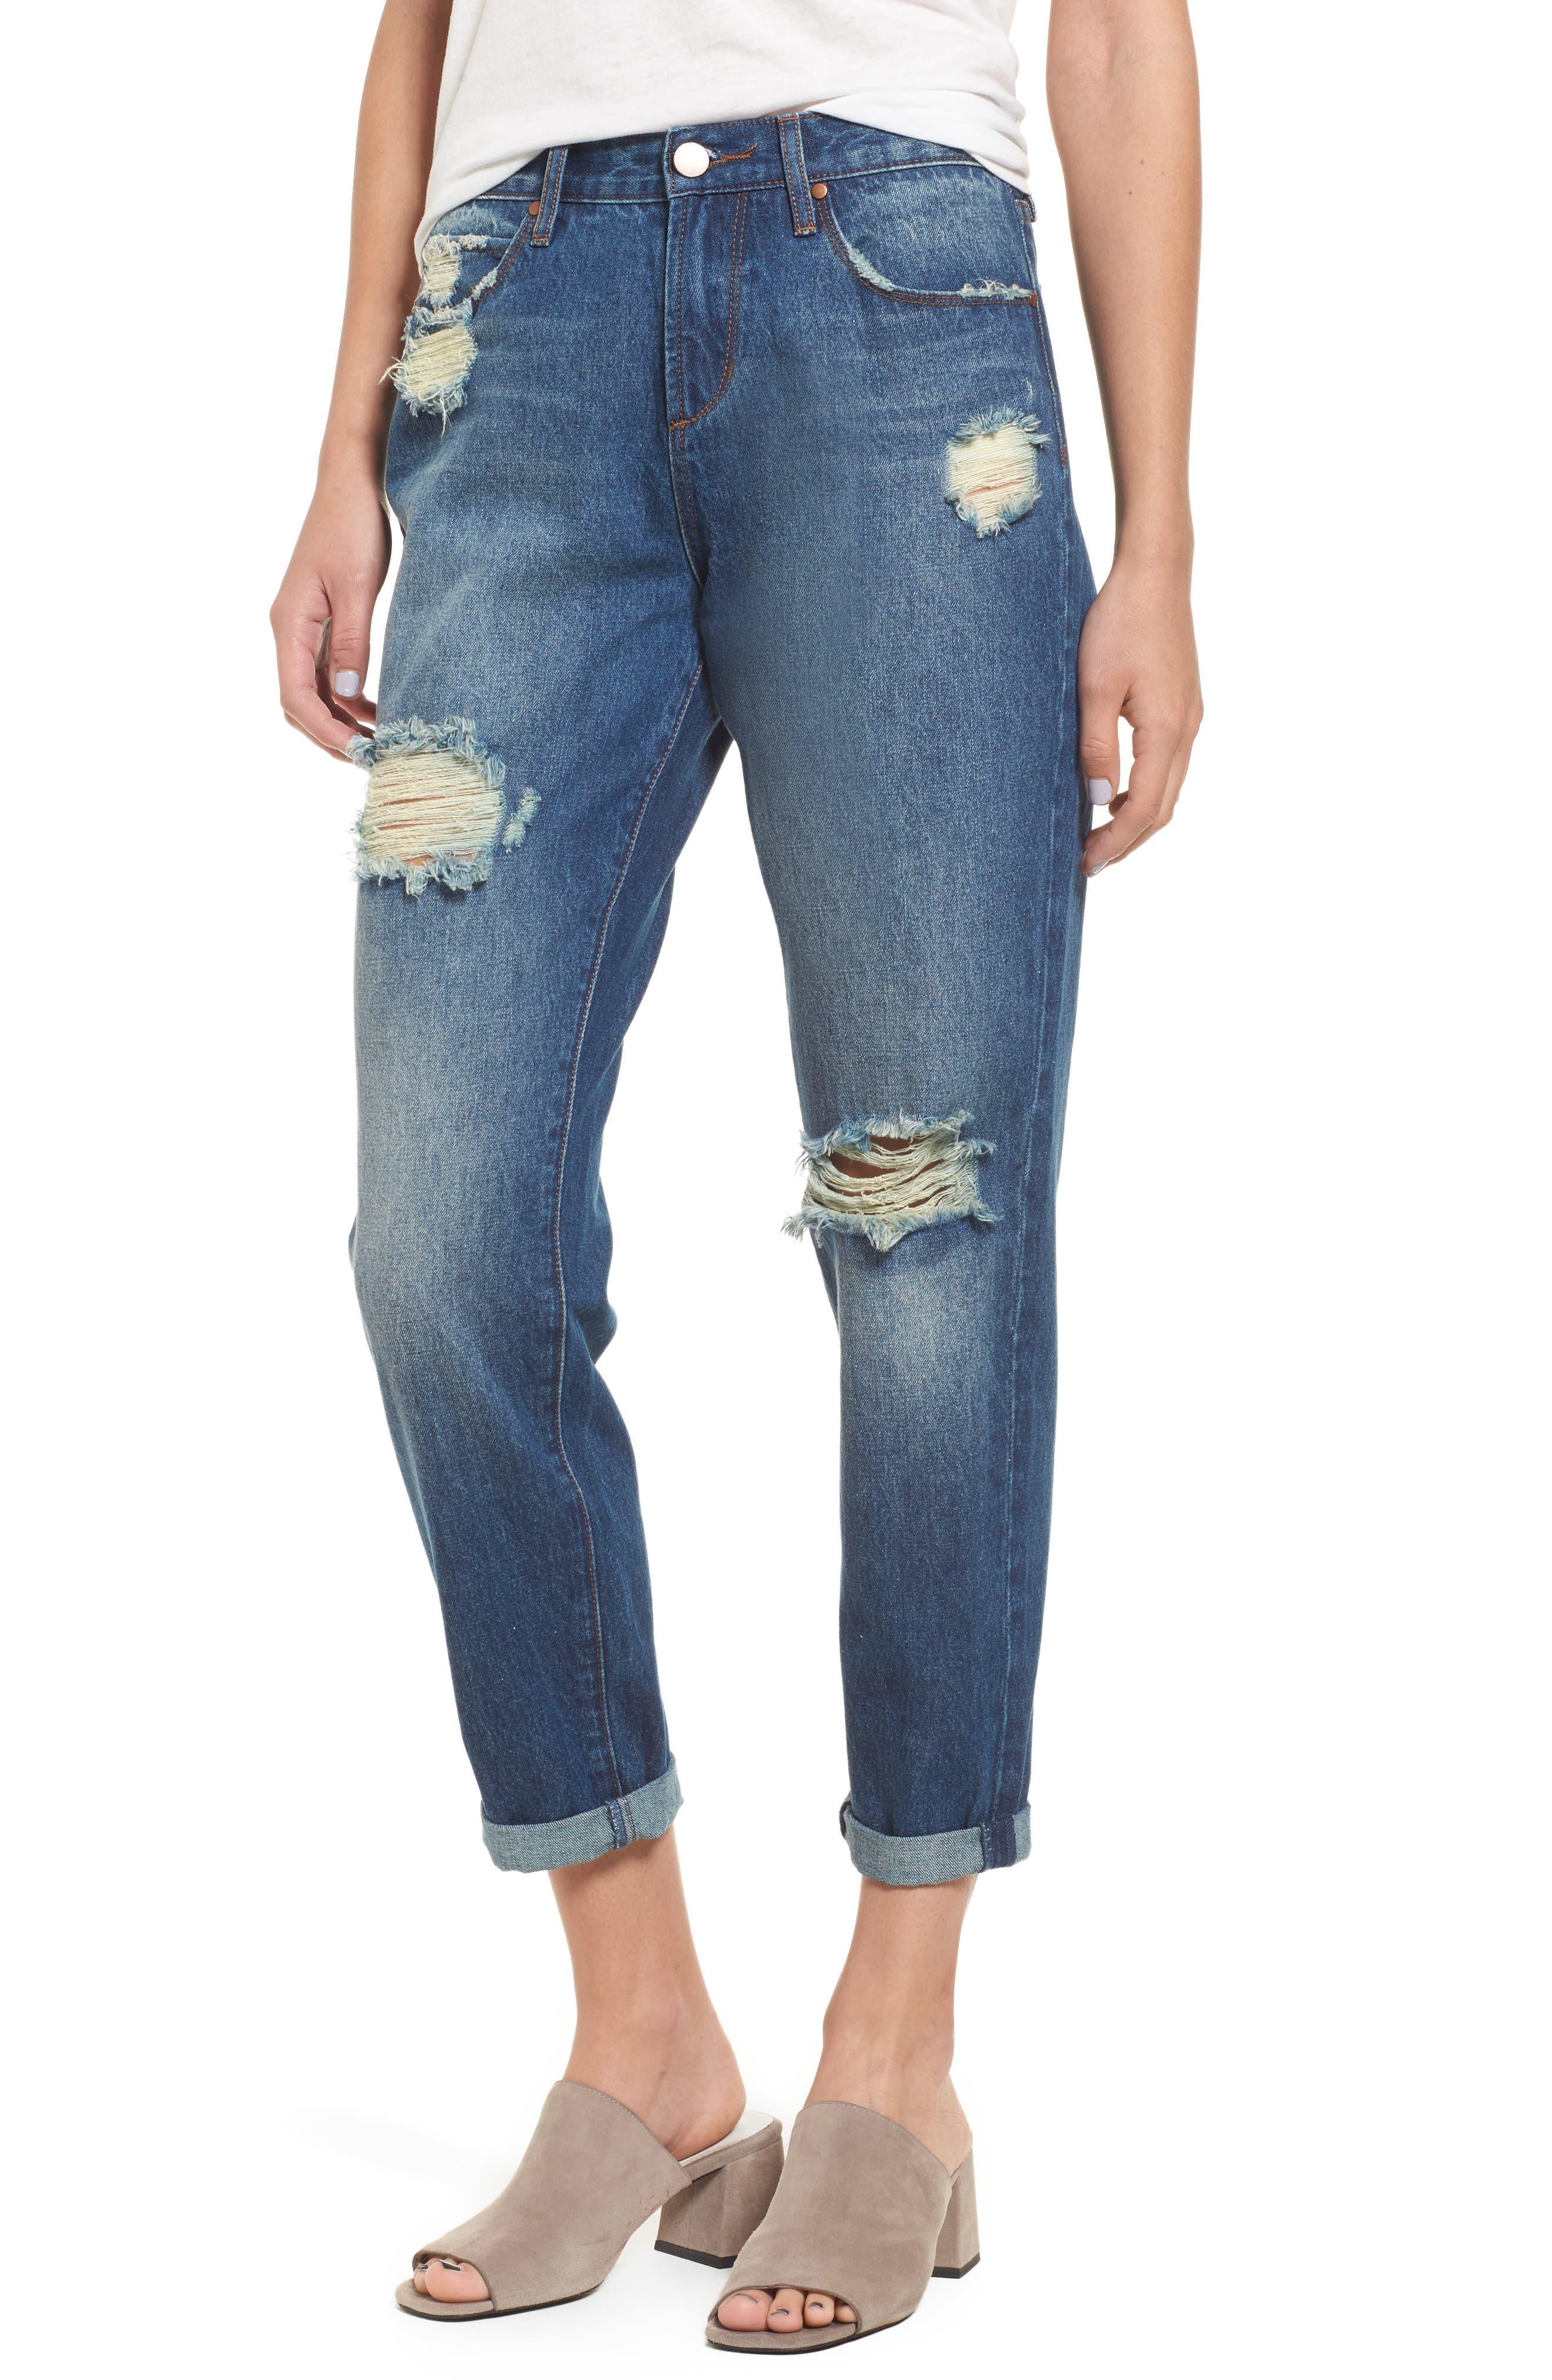 Leith Ripped High Waist Boyfriend Jeans